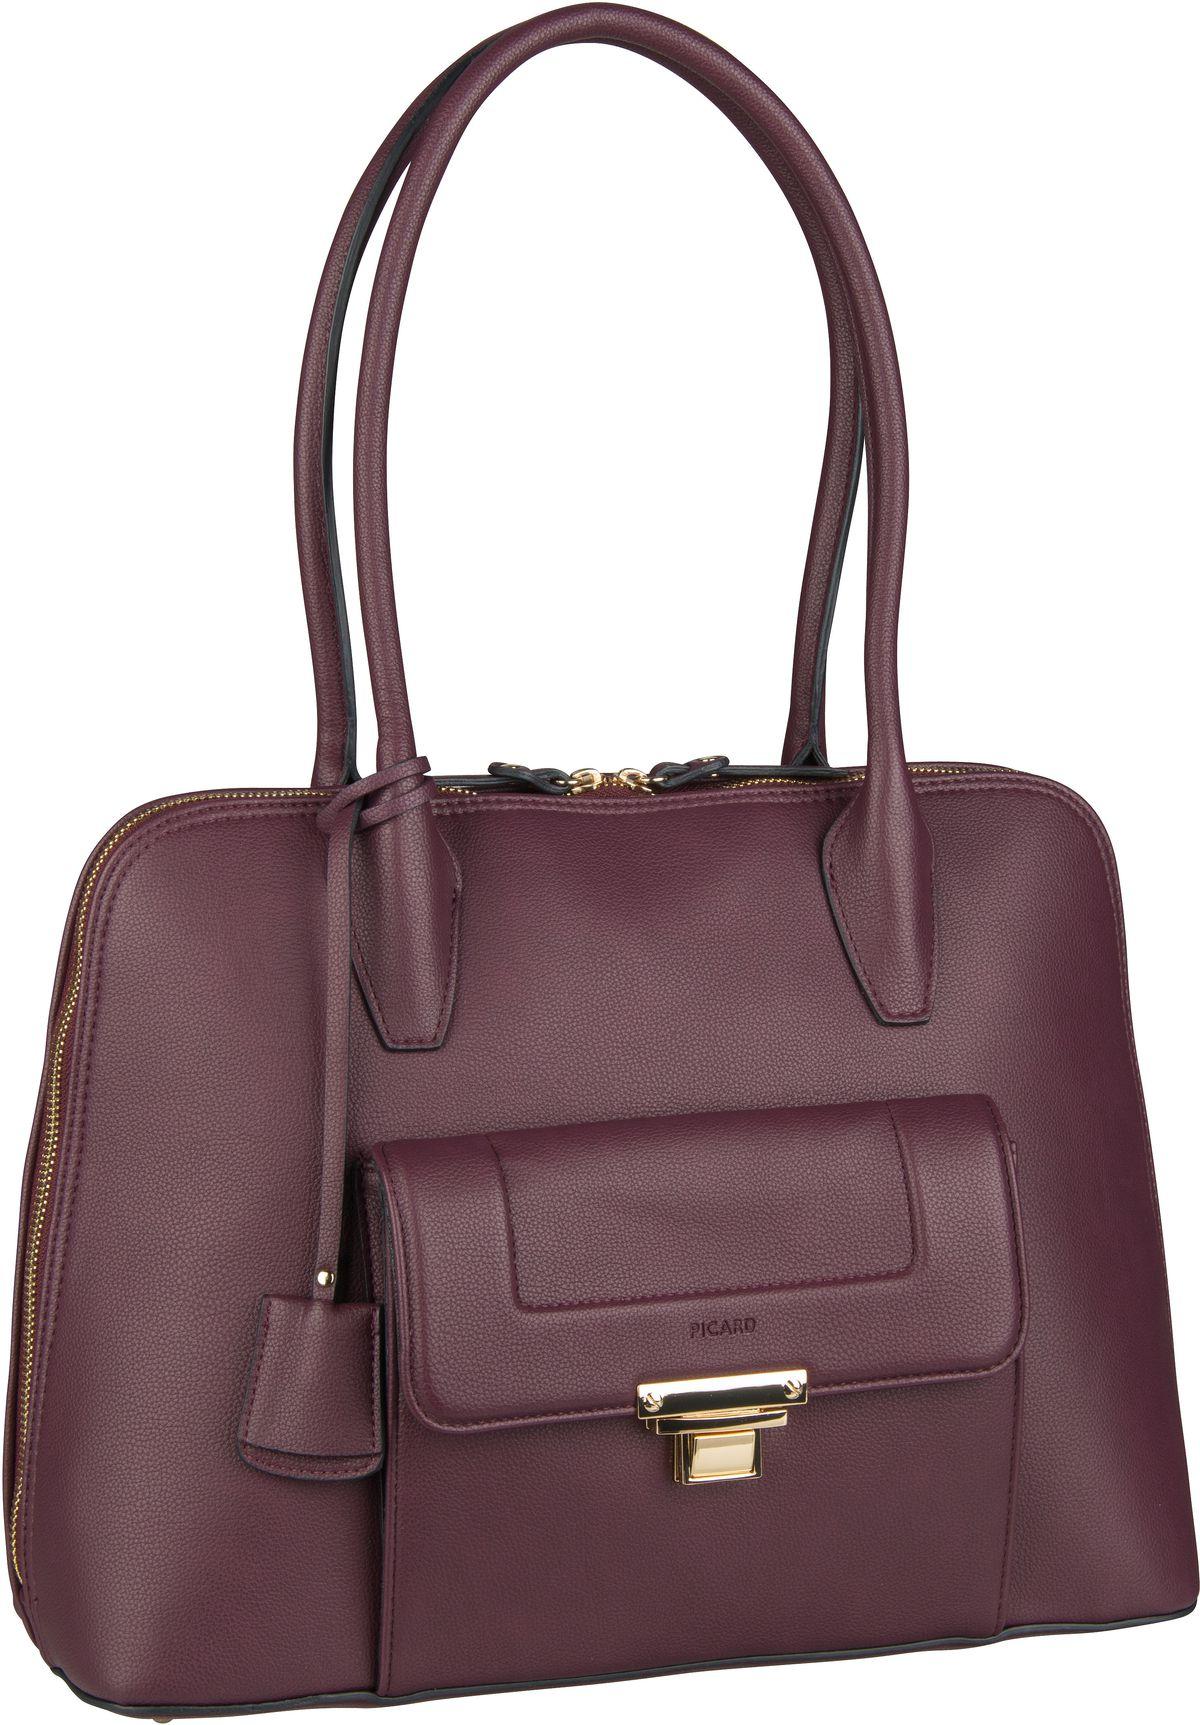 Handtasche Megan 9527 Vino